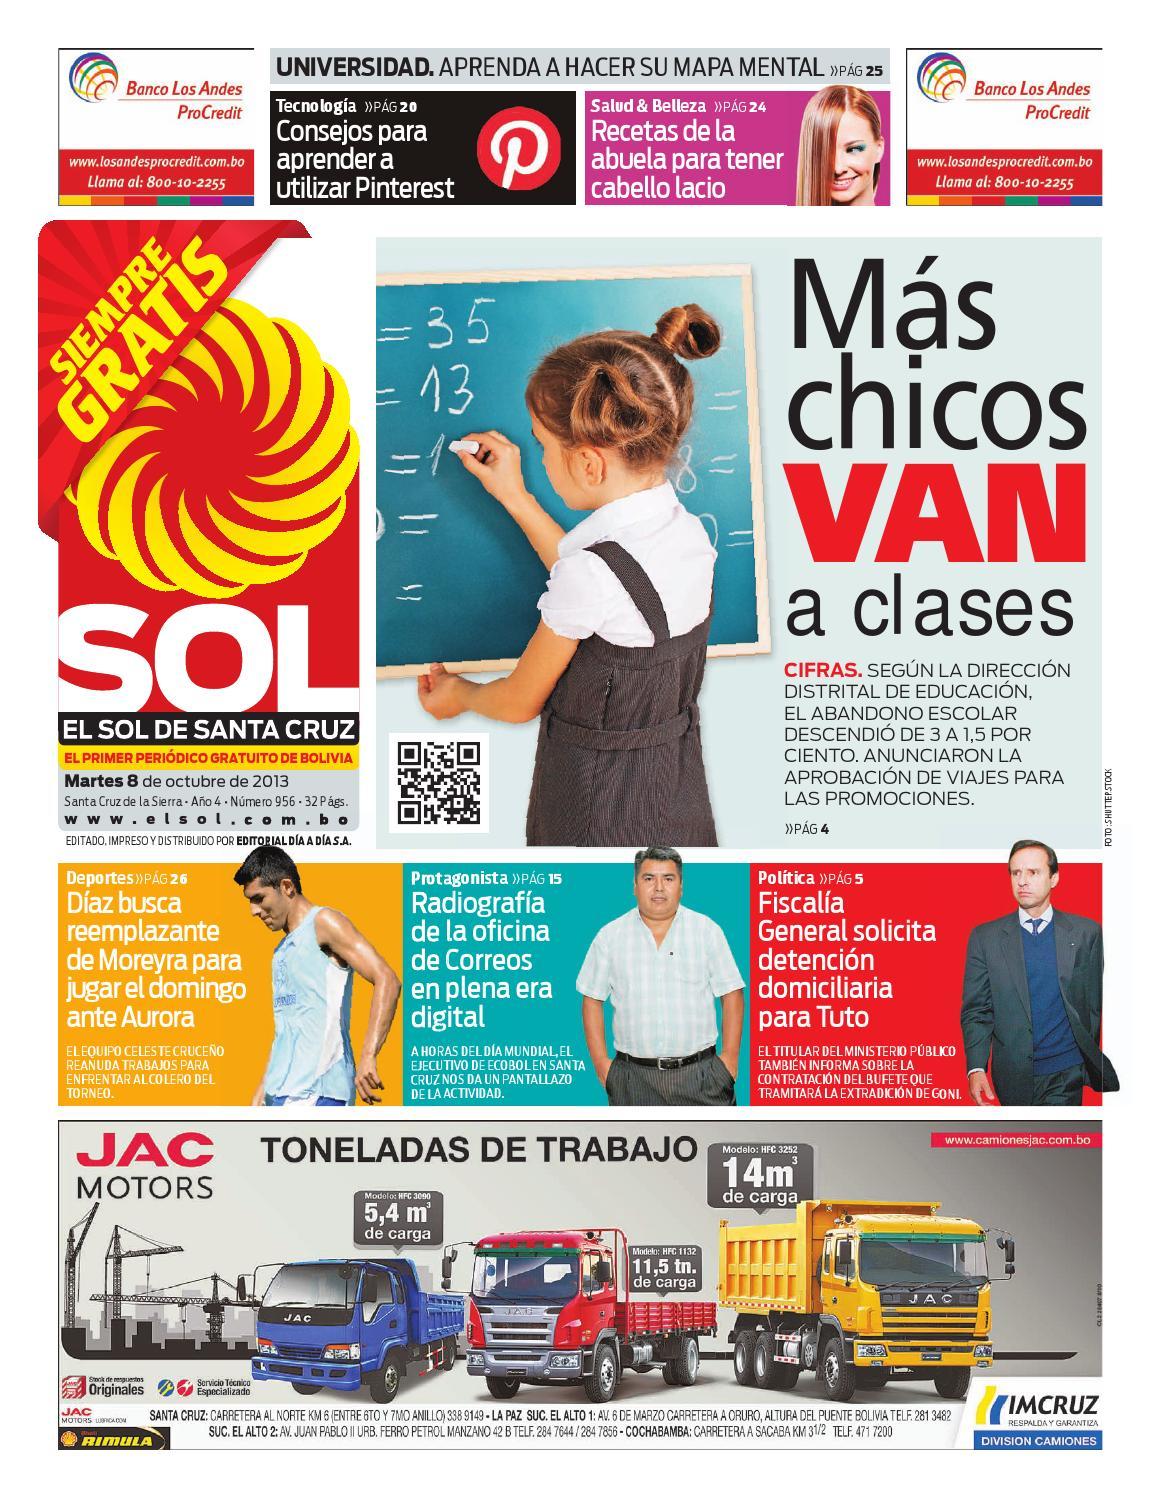 ElSol 08-10-2013 by El Dia - issuu